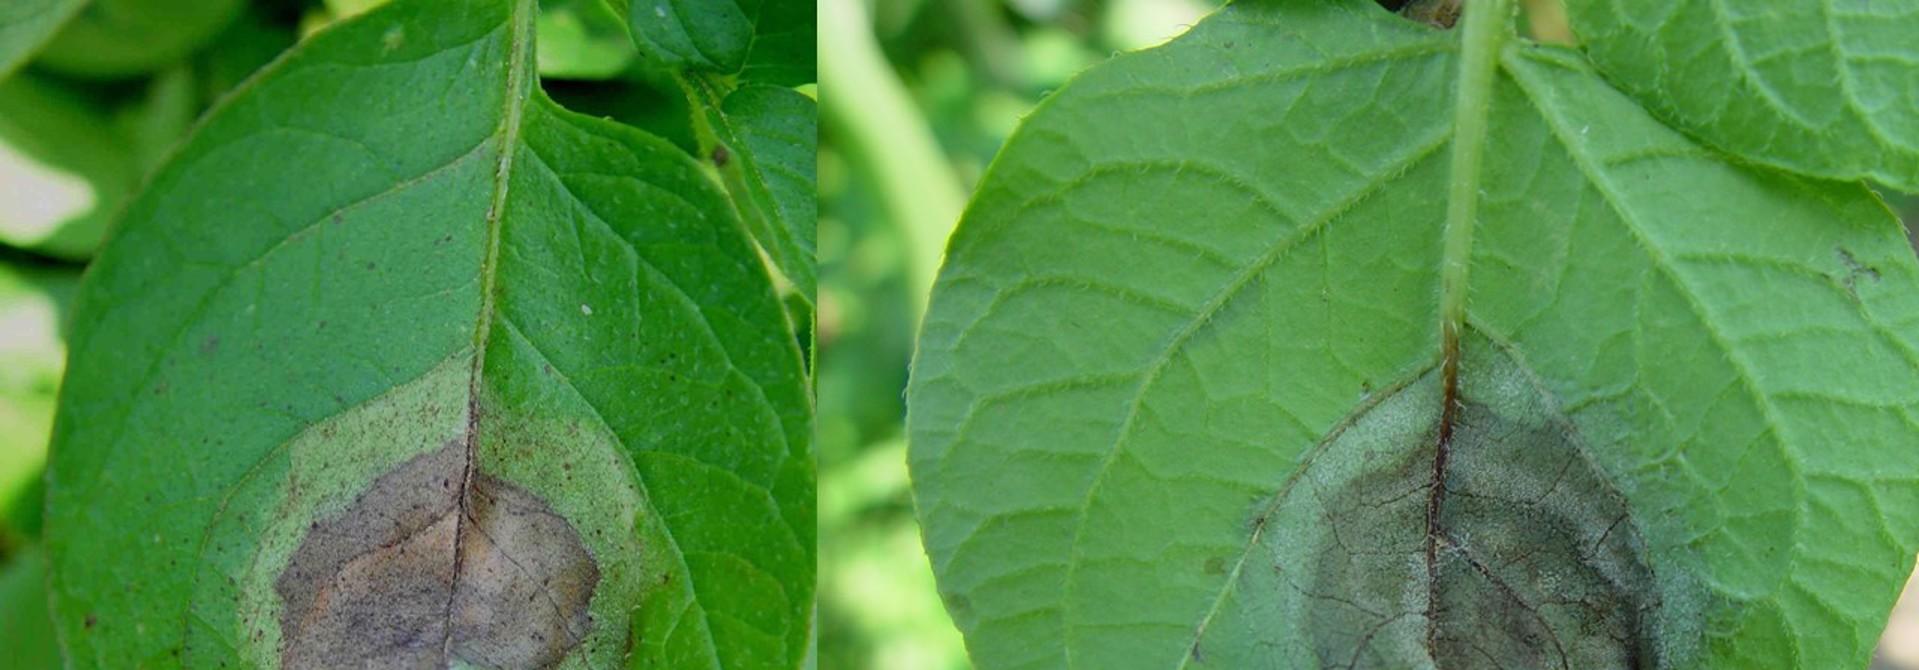 Krautfu00e4ulesymptome auf der Blattoberseite (links) und Blattunterseite (rechts). Auf der Oberseite entsteht ein typischer u00d6lfleck mit dunklem Zentrum und heller Umrandung. Auf der Unterseite bildet sich ein weisser Schimmelrasen.>